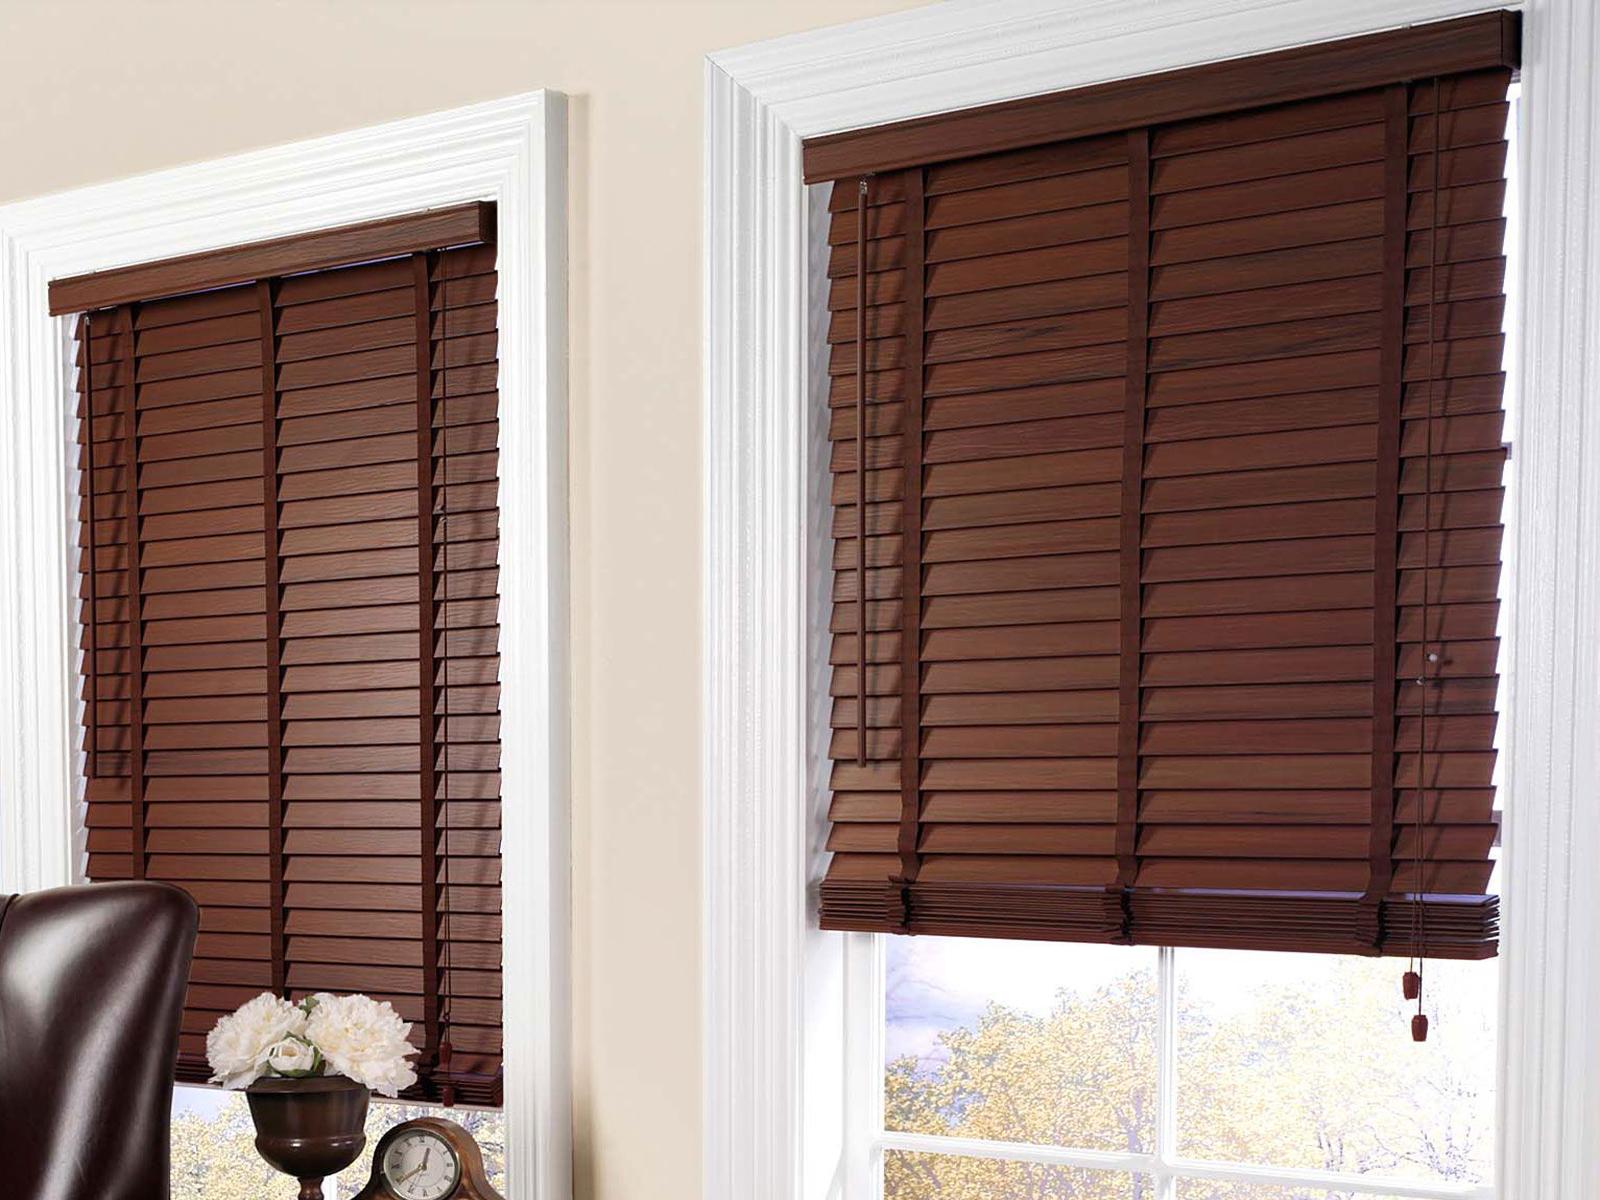 Elige las mejores persianas para decorar tu hogar blog - Tipos de persianas enrollables ...